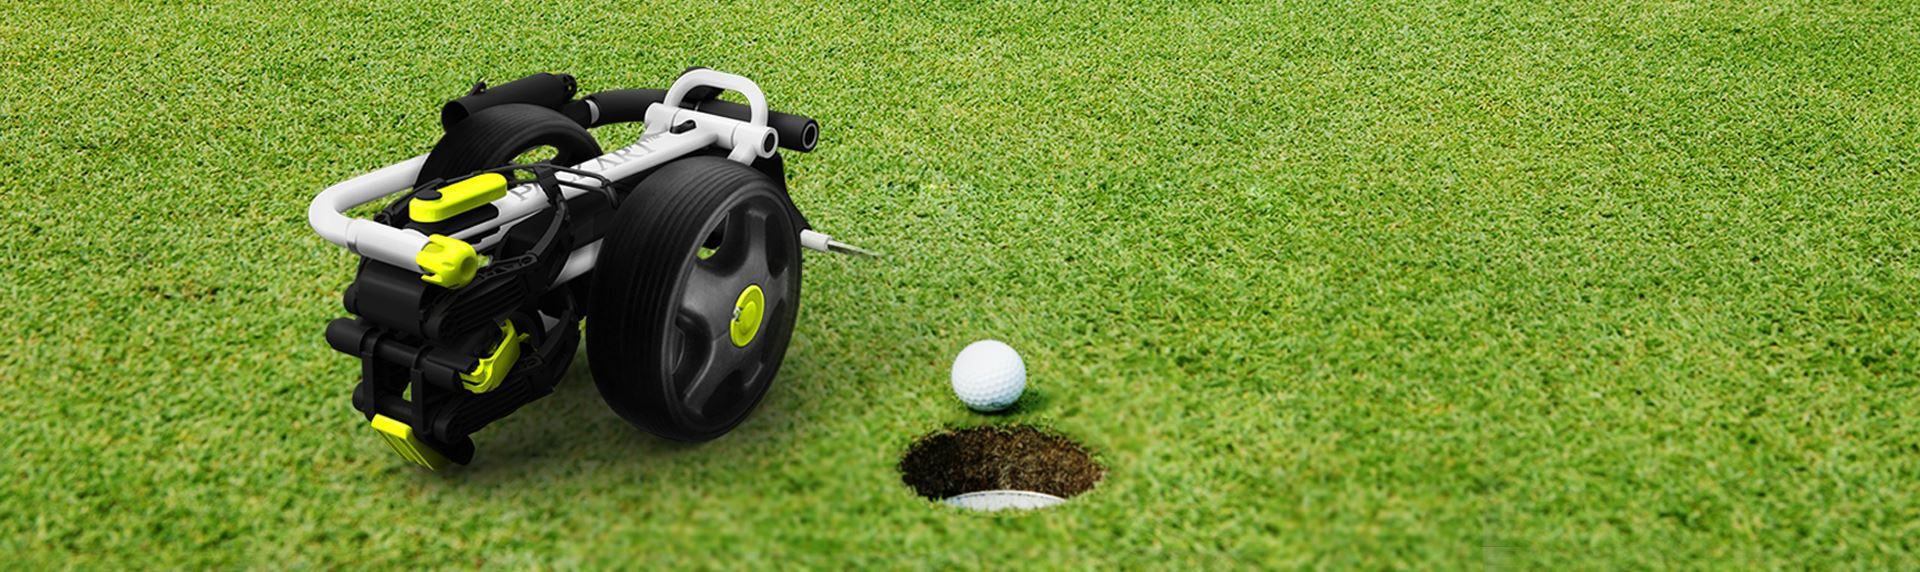 智网-高尔夫球包车Golf Cart